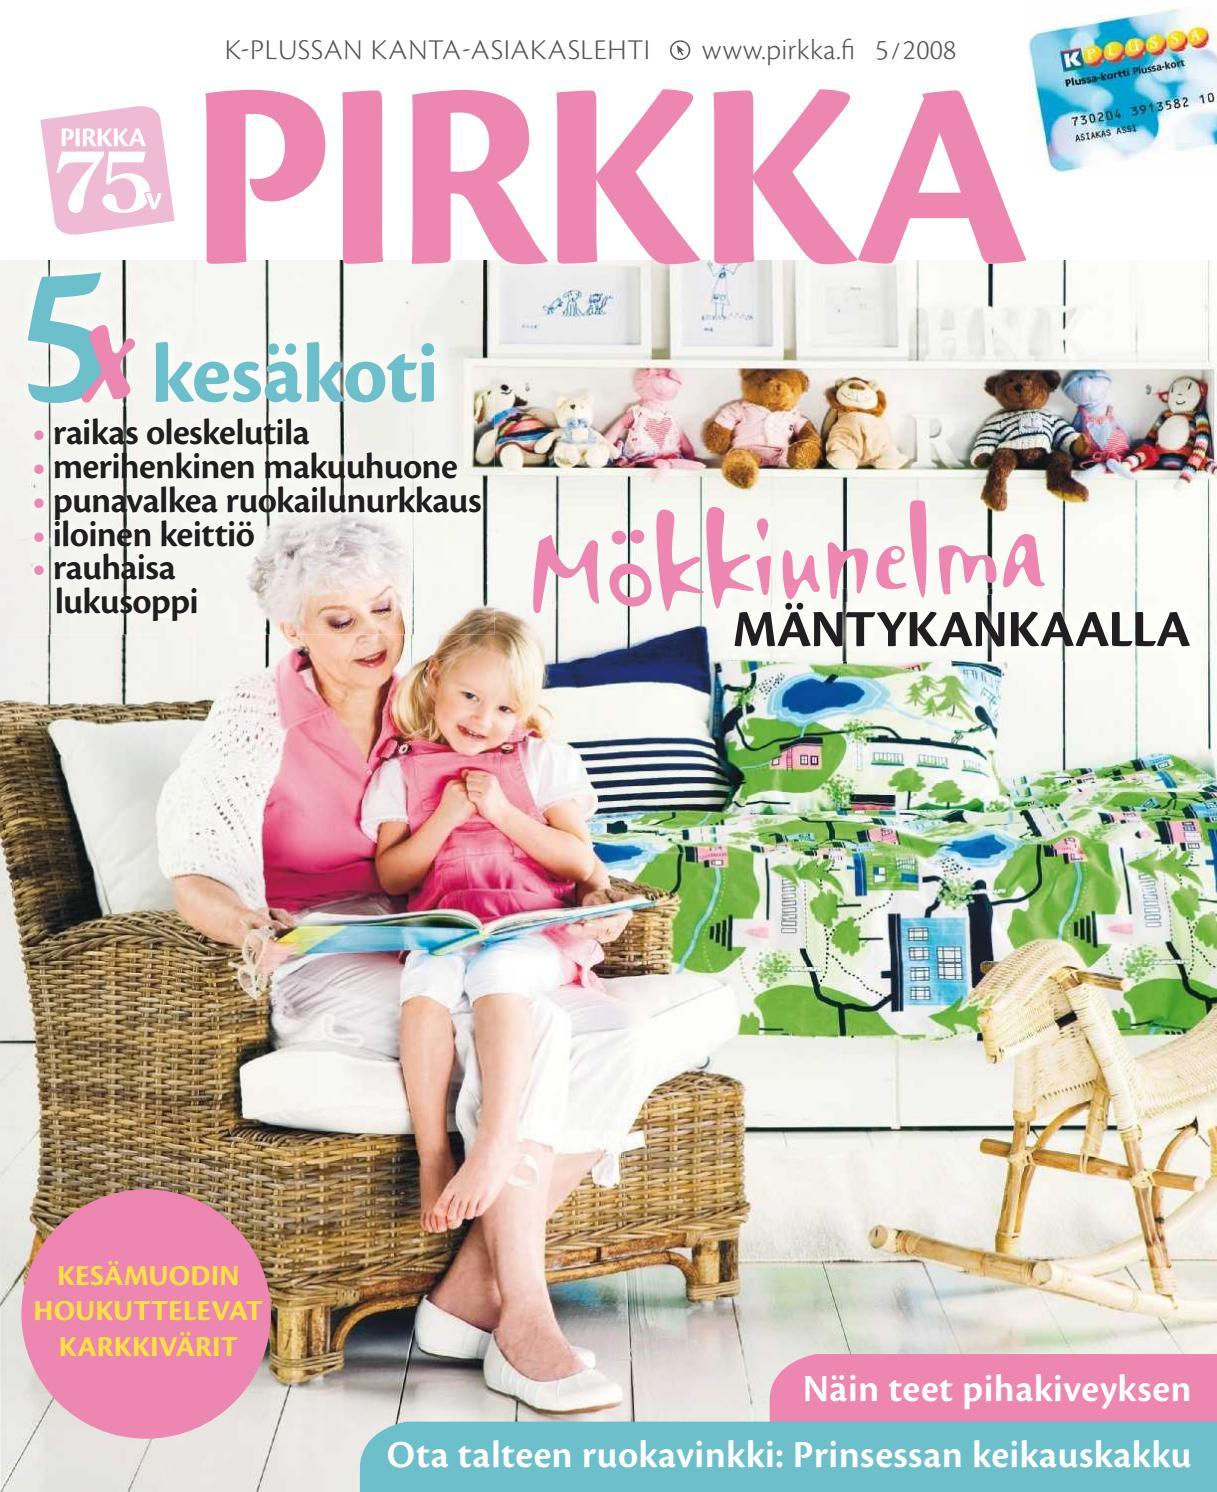 Suomen kolmatta Ideapark-kauppakeskusta suunnitellaan nyt Etelä-Pohjanmaan keskuskaupunkiin Seinäjoelle.